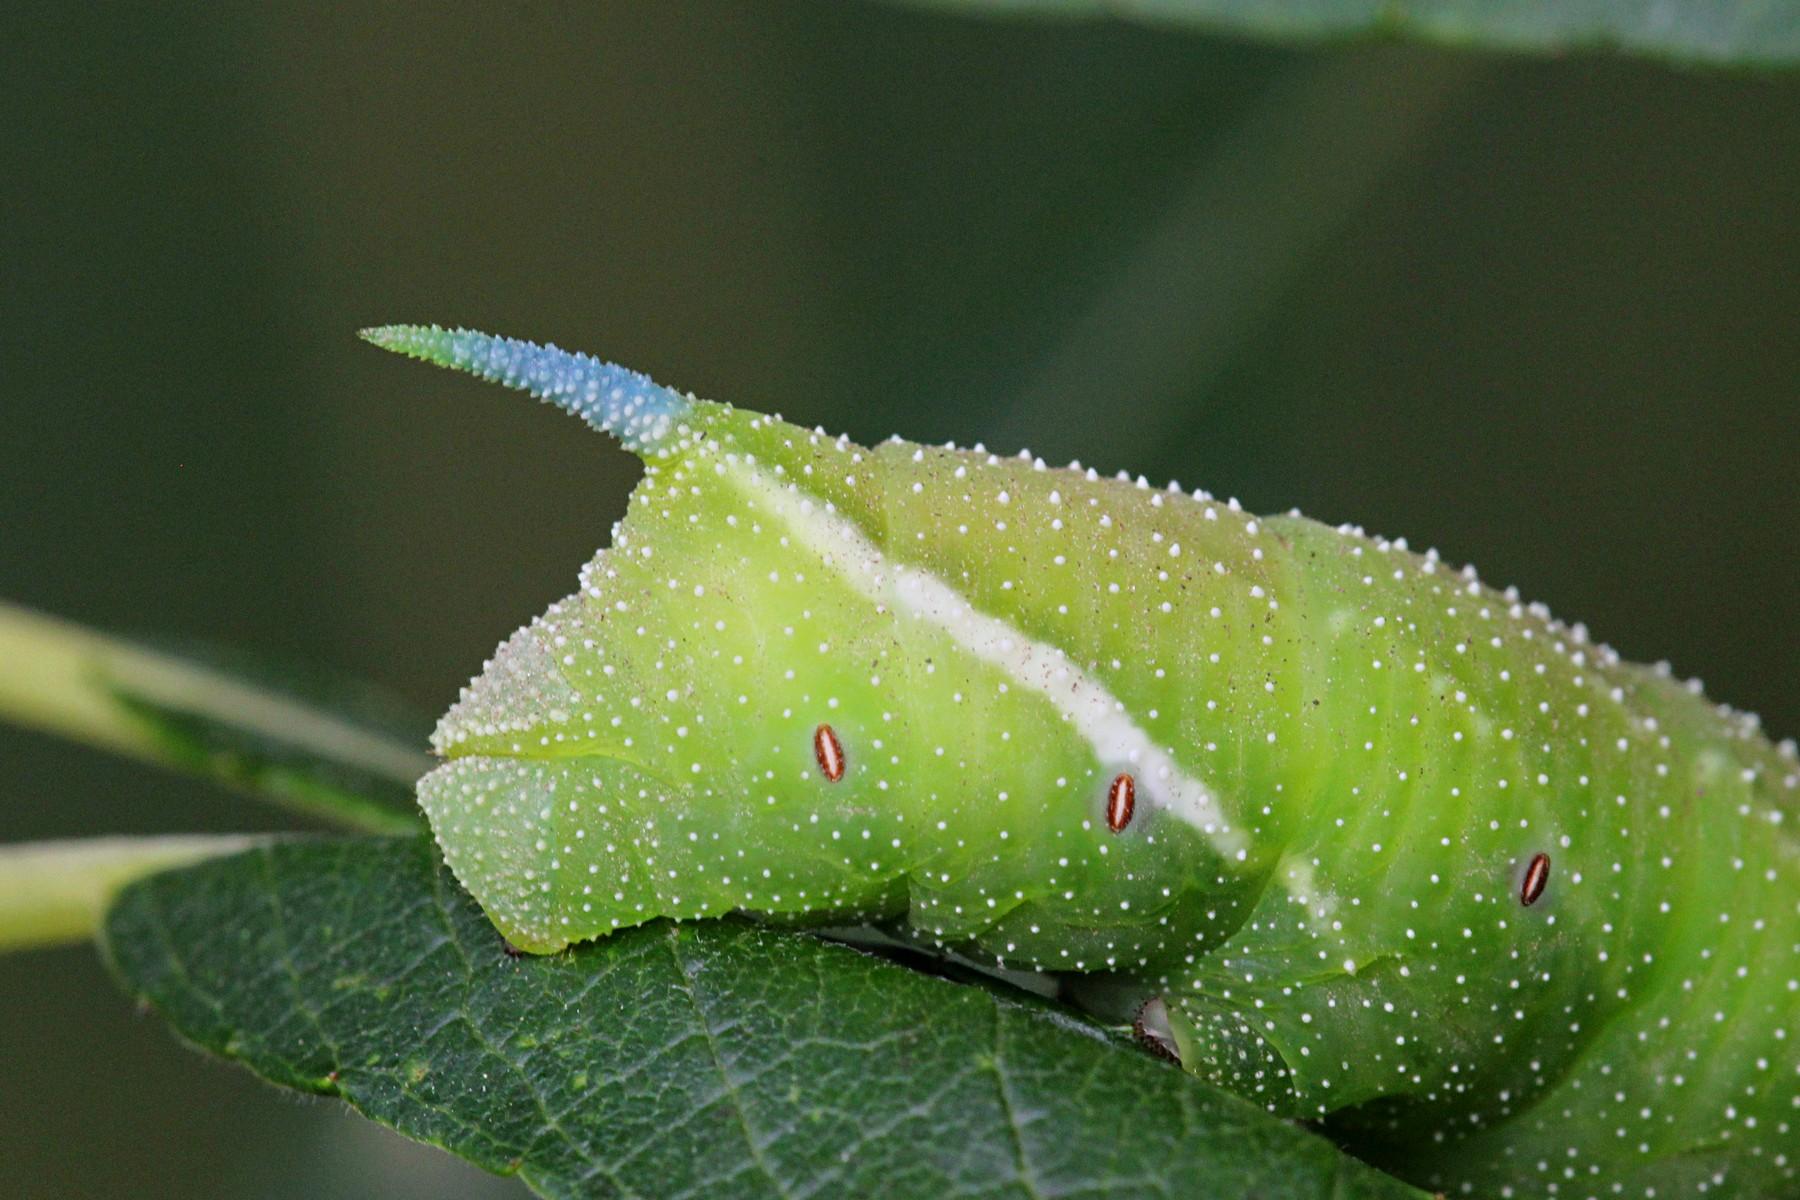 Описание гусениц, их питание и строение. гусеница с рогом на хвосте: фото, как называется кто вырастает из гусеницы